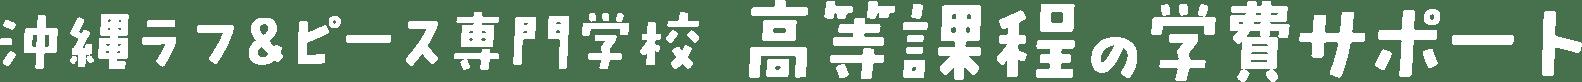 沖縄ラフ&ピース専門学校 高等課程の学費サポート